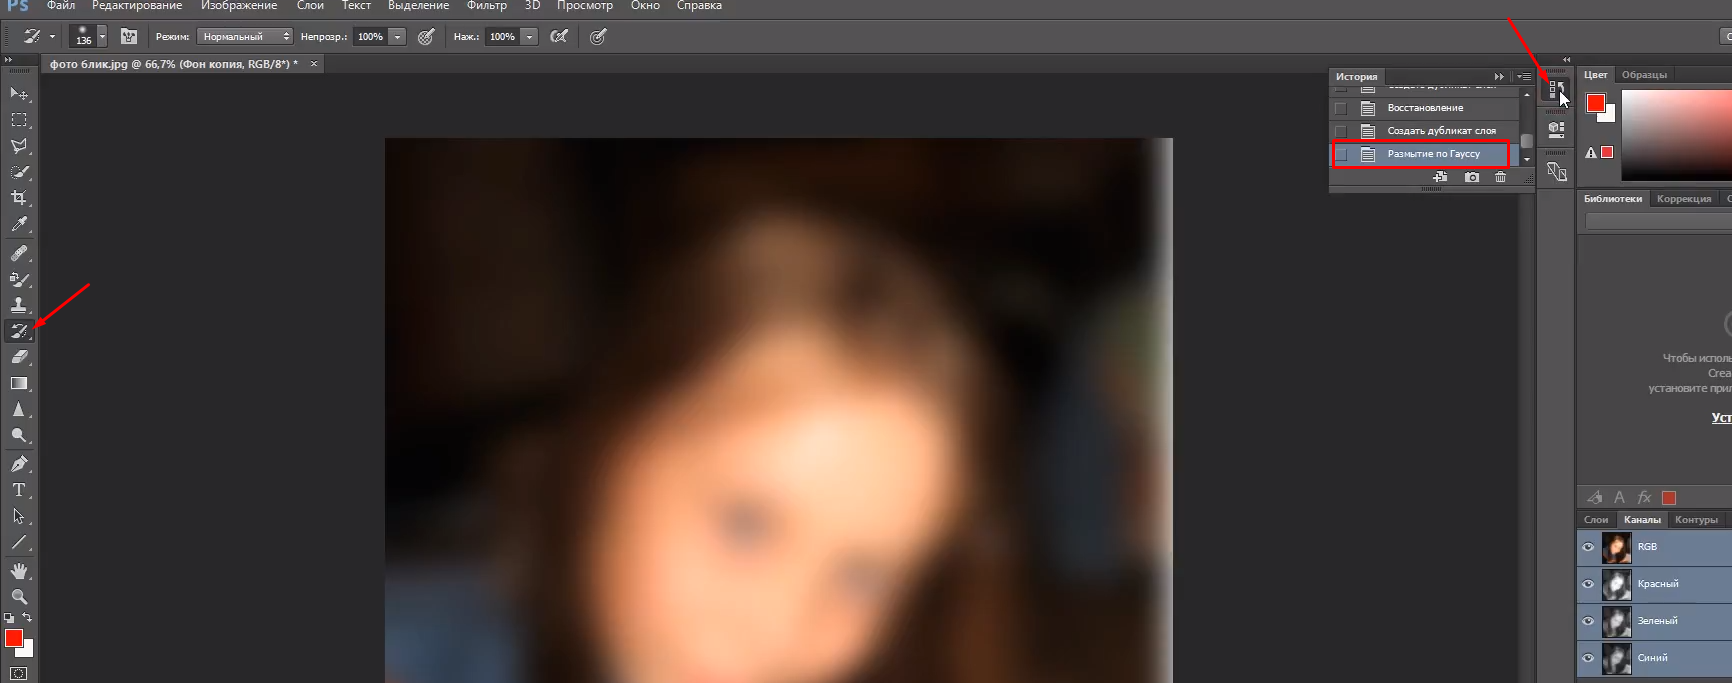 Как в фотошопе убрать жирный блеск с лица?